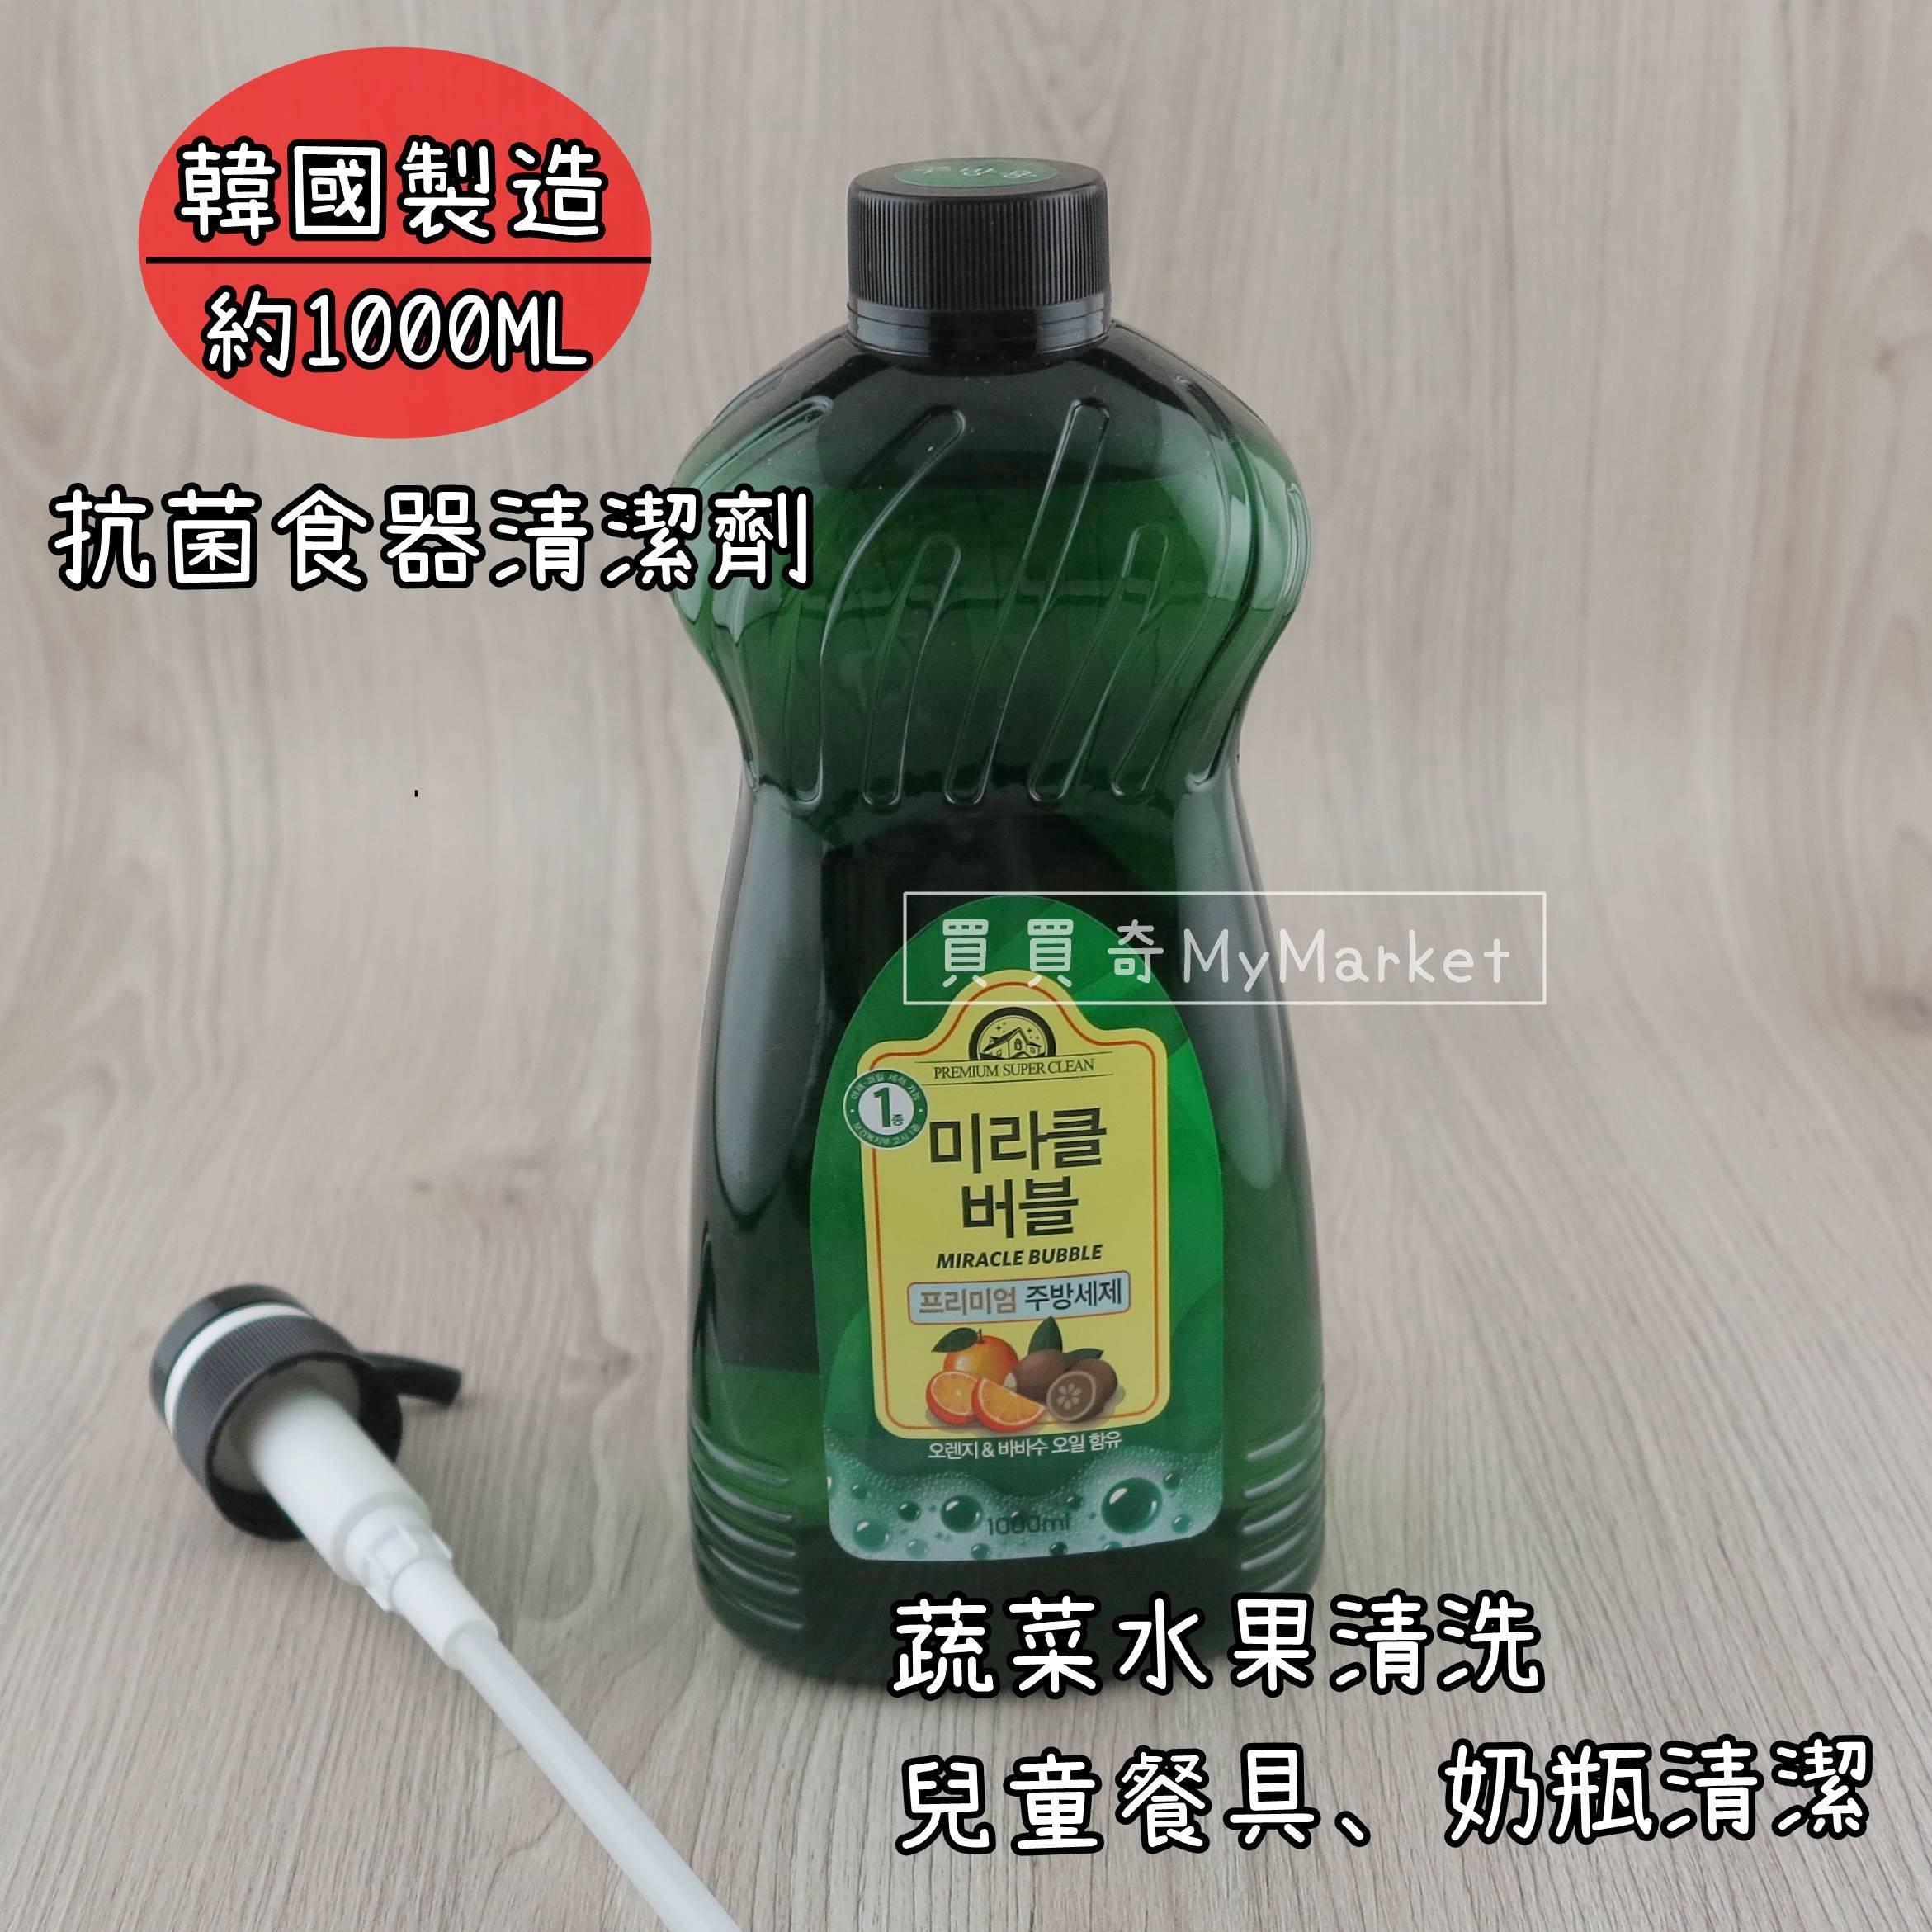 ????韓國 ????抗菌食器清潔劑1000ml 蔬果洗潔劑 碗盤奶瓶蔬果清潔液 洗潔精 洗碗精 奶瓶清潔劑 環保清潔劑